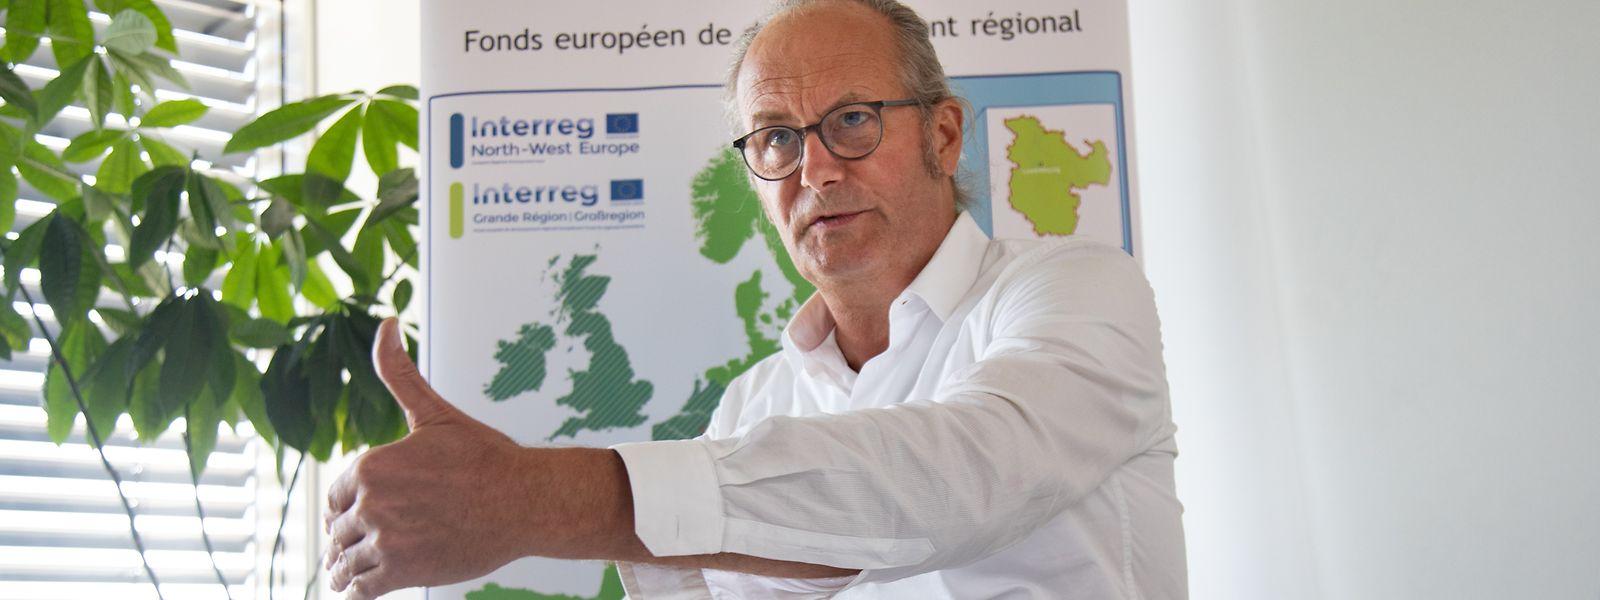 Für Landesplanungsminister Claude Turmes wird dank europäischer Interreg-Projekte die Großregion sichtbarer.